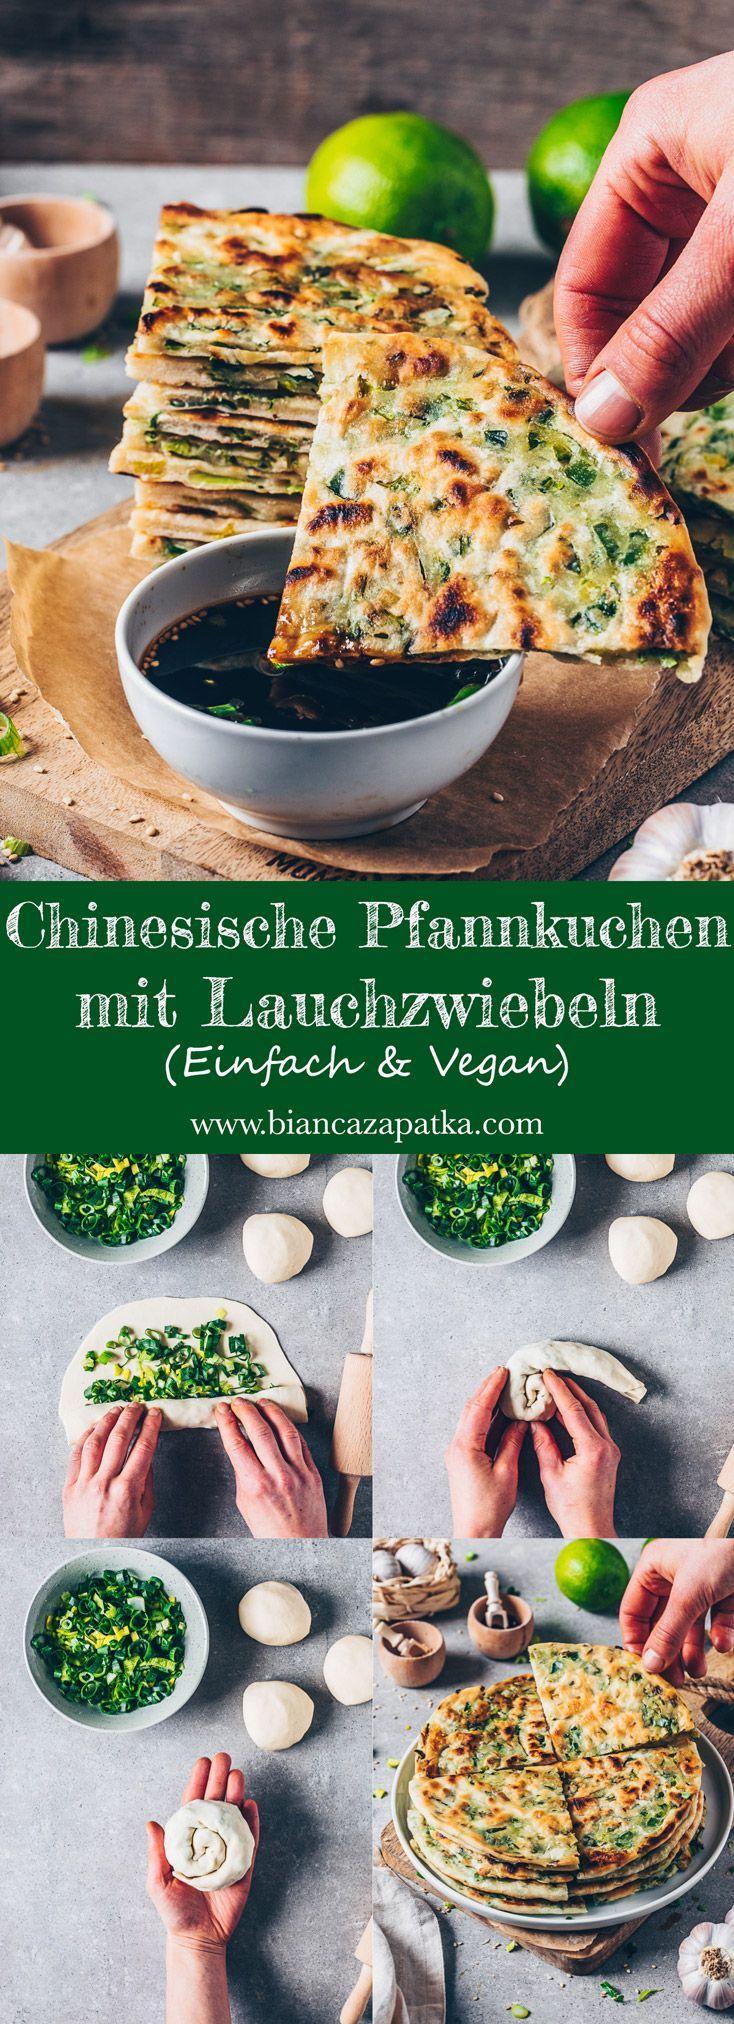 Pfannkuchen mit Lauchzwiebeln (Chinesische Art) - Bianca Zapatka | Rezepte